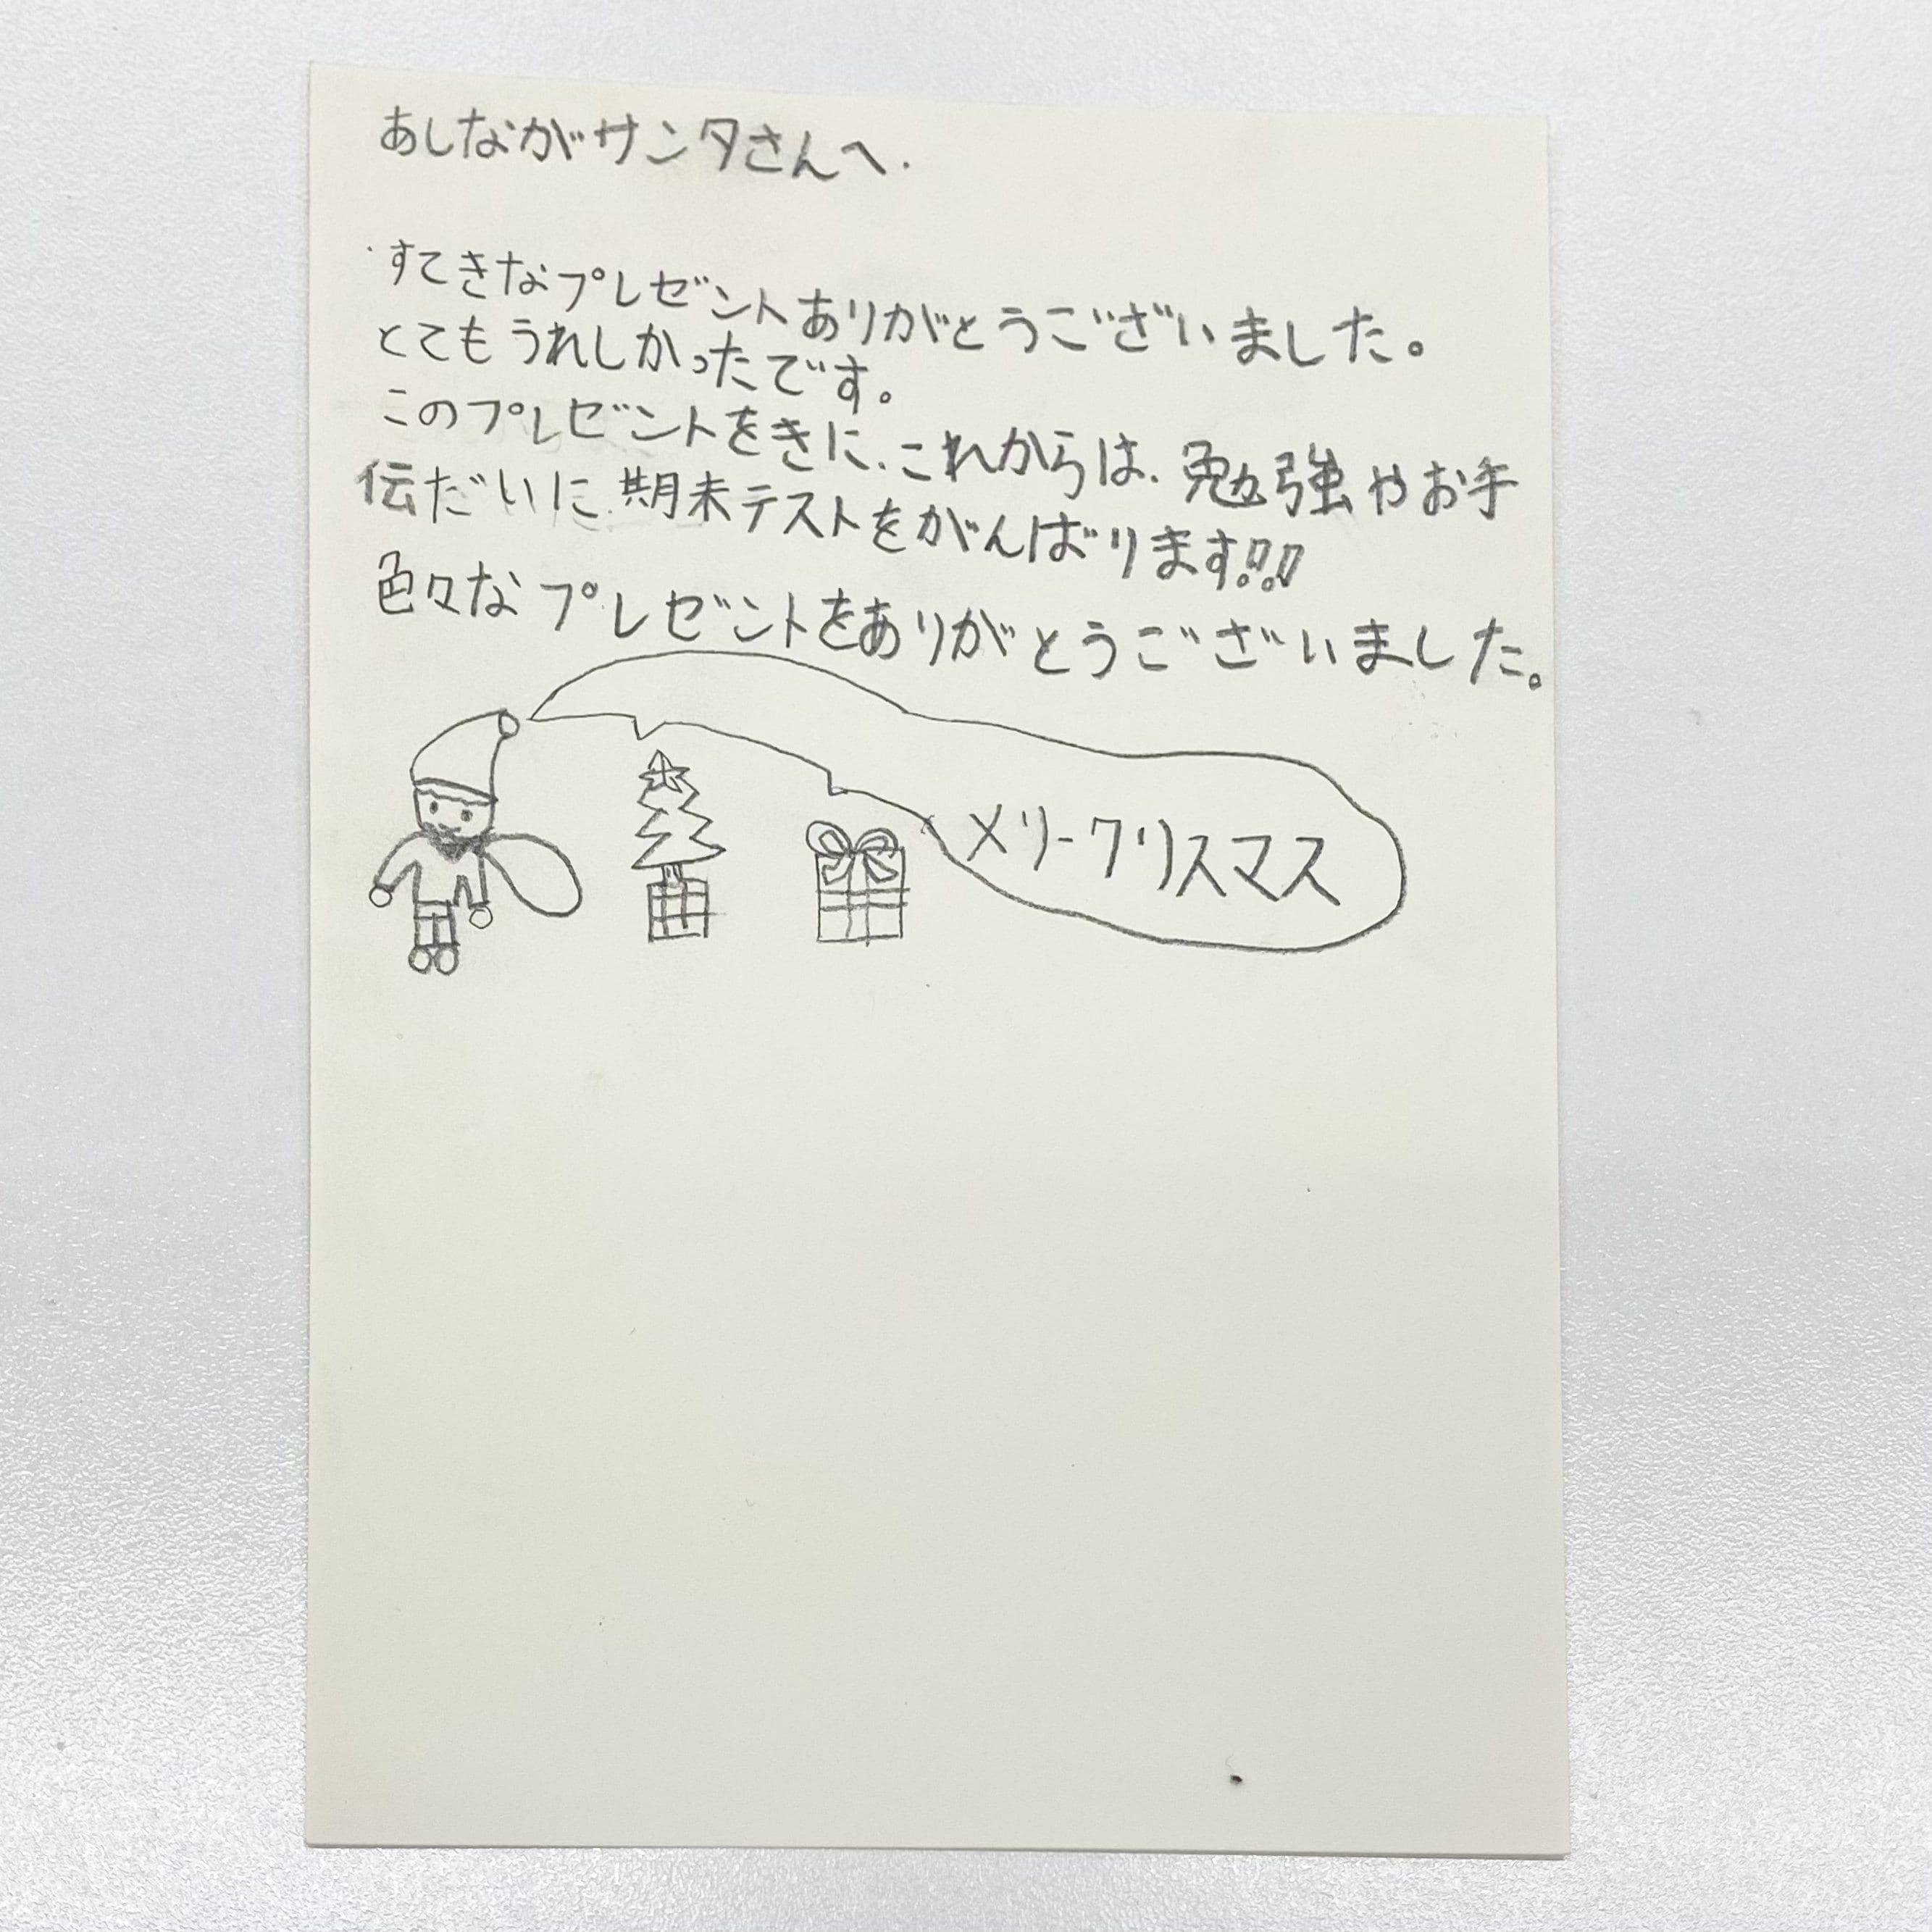 【あしながサンタ】株式会社ロードカー【かわいいイラスト】